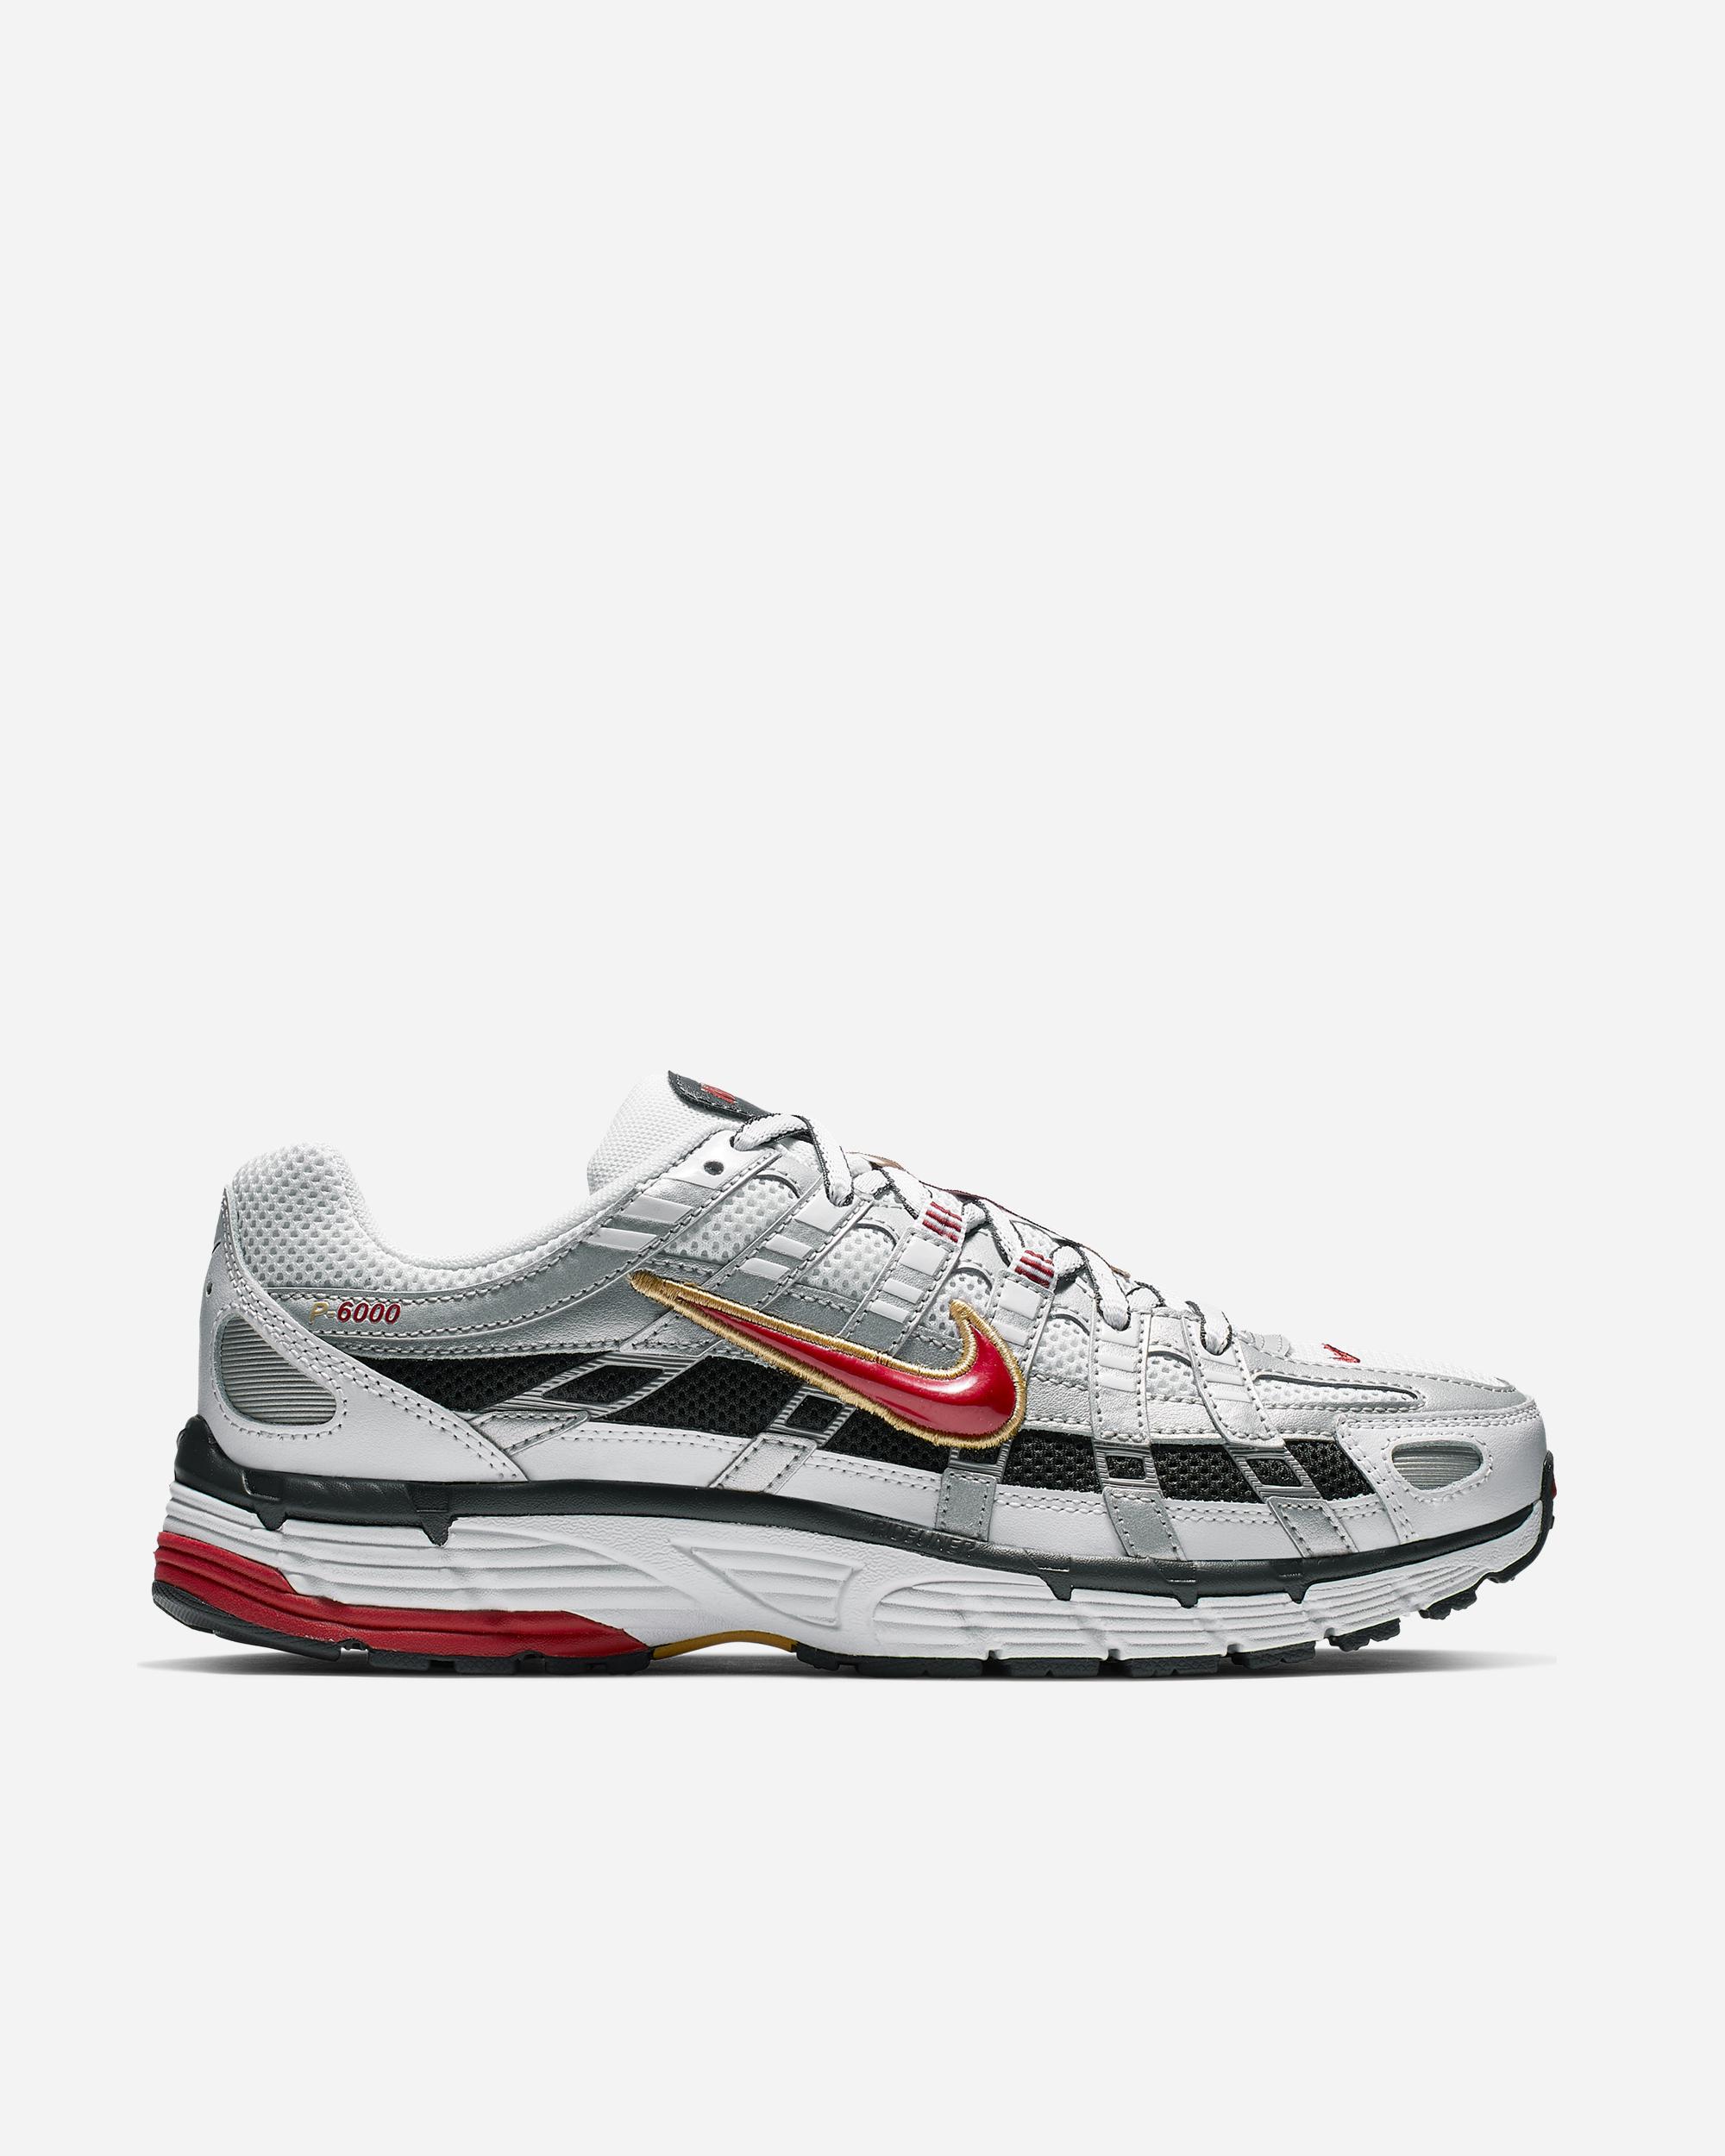 Nike Sportswear P-6000 White/Red/Metallic | BV1021 101 – Naked